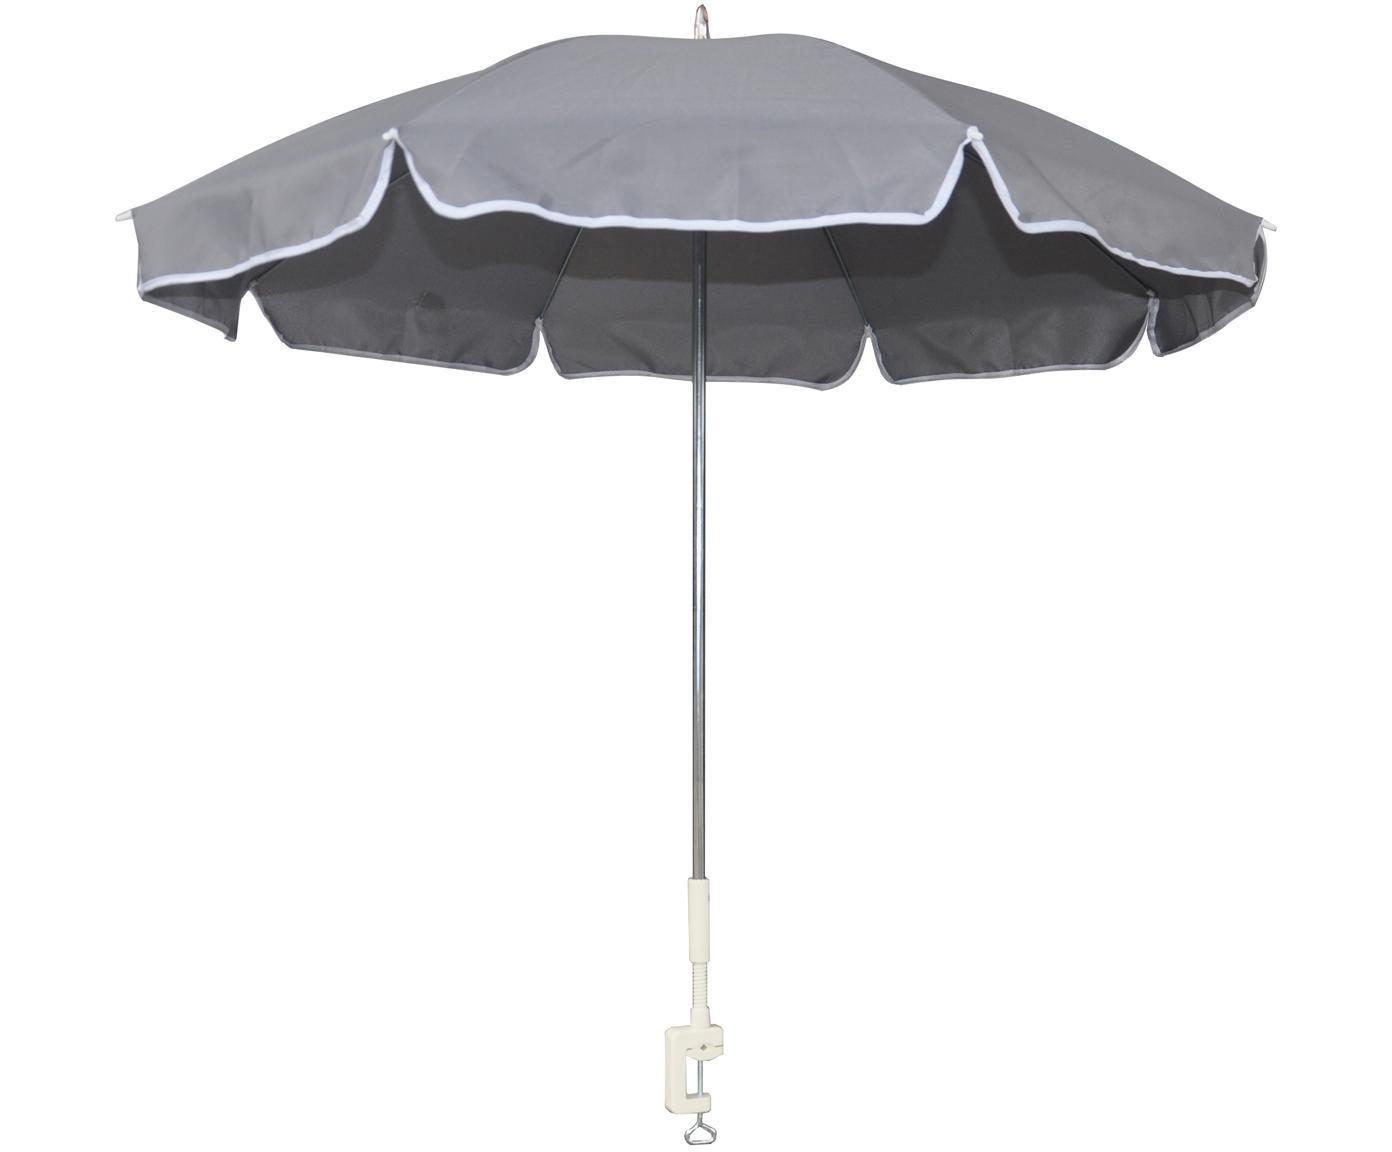 Parasol balkonowy Billy, Aluminium, poliester, Szary, Ø 110 x W 116 cm